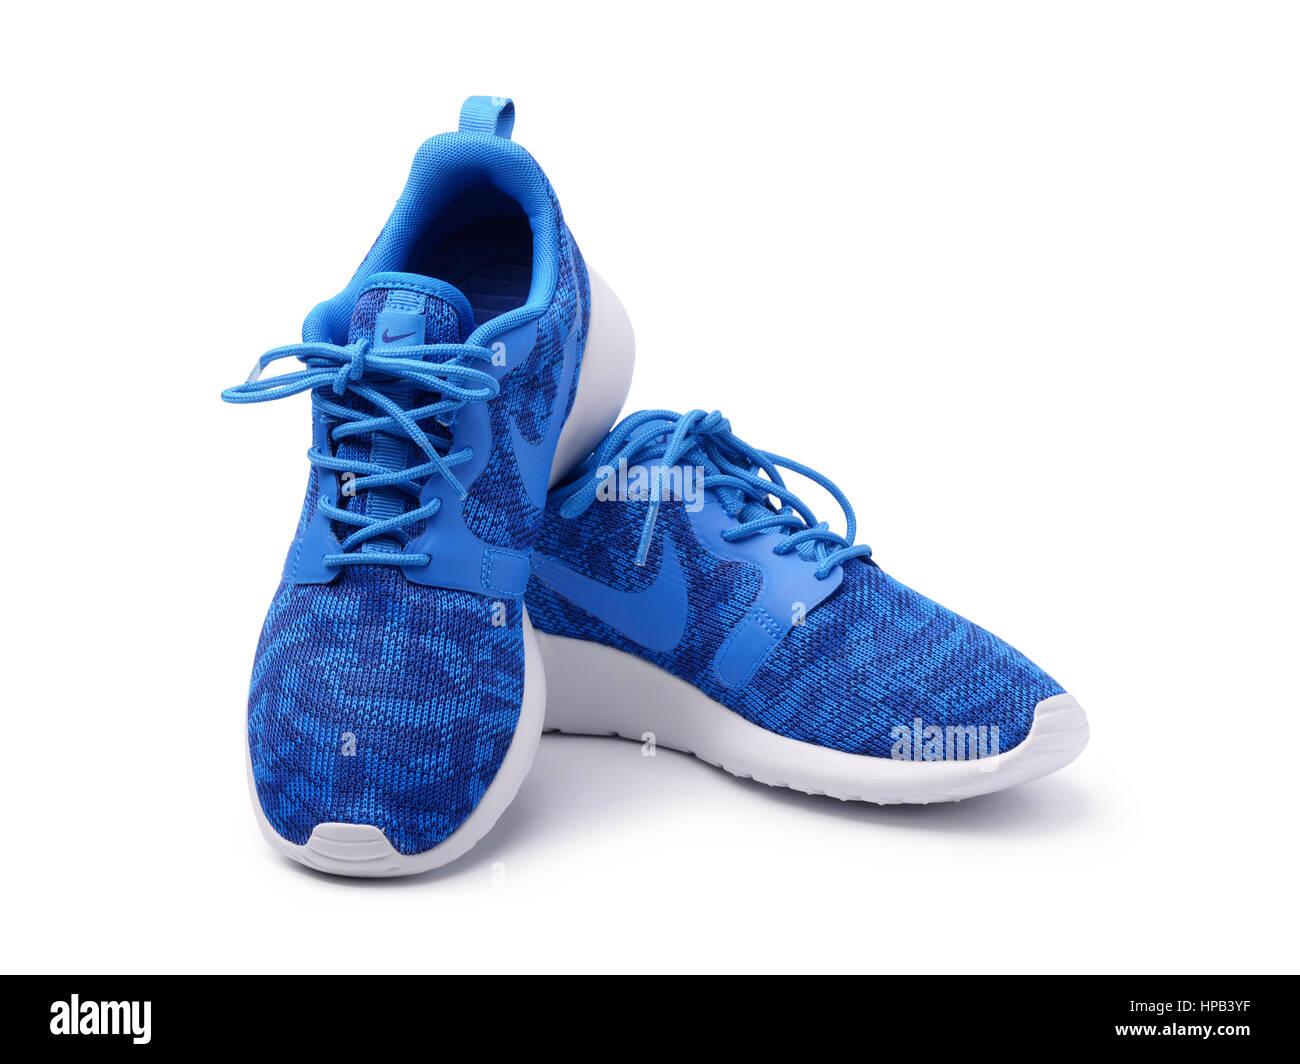 SAMARA, RUSSIE - 8 juin 2015: femme Nike sneakers pour l'exécution, de la formation, en gris et bleu, Photo Stock